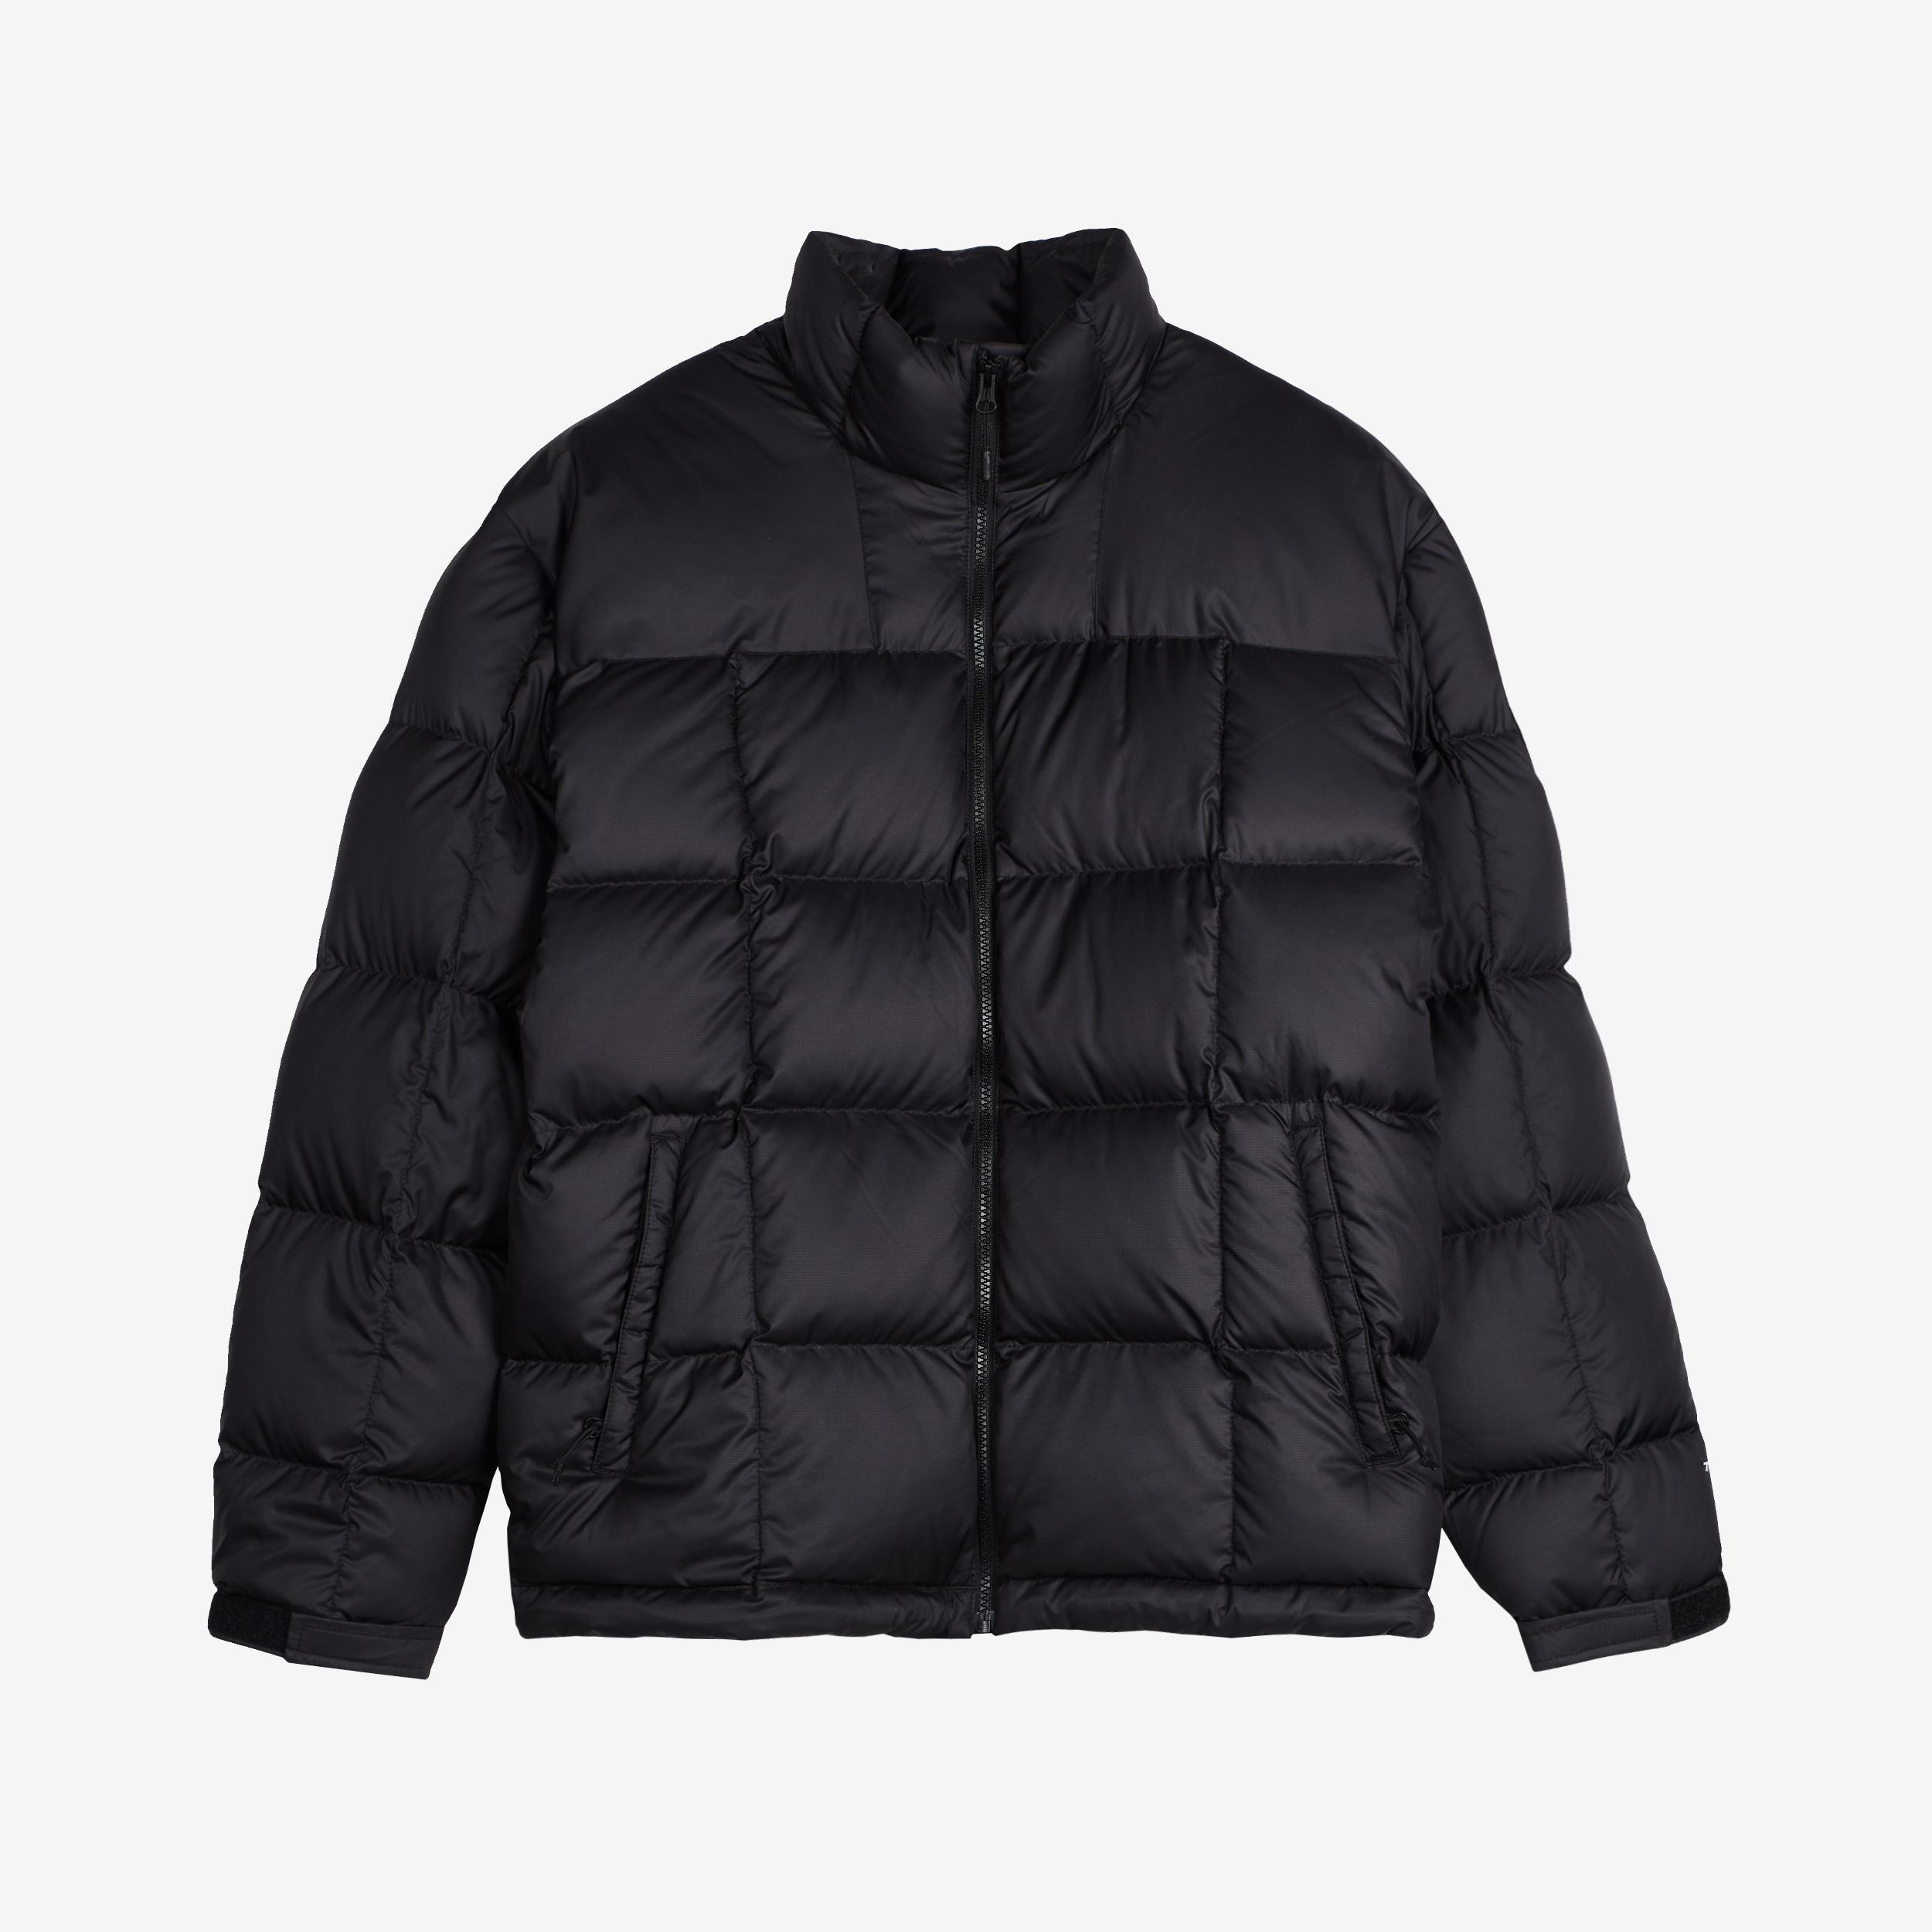 fungo Aspetto Ritiro  The North Face Lhotse Jacket - T93y23jk3 - Sneakersnstuff | sneakers &  streetwear online since 1999